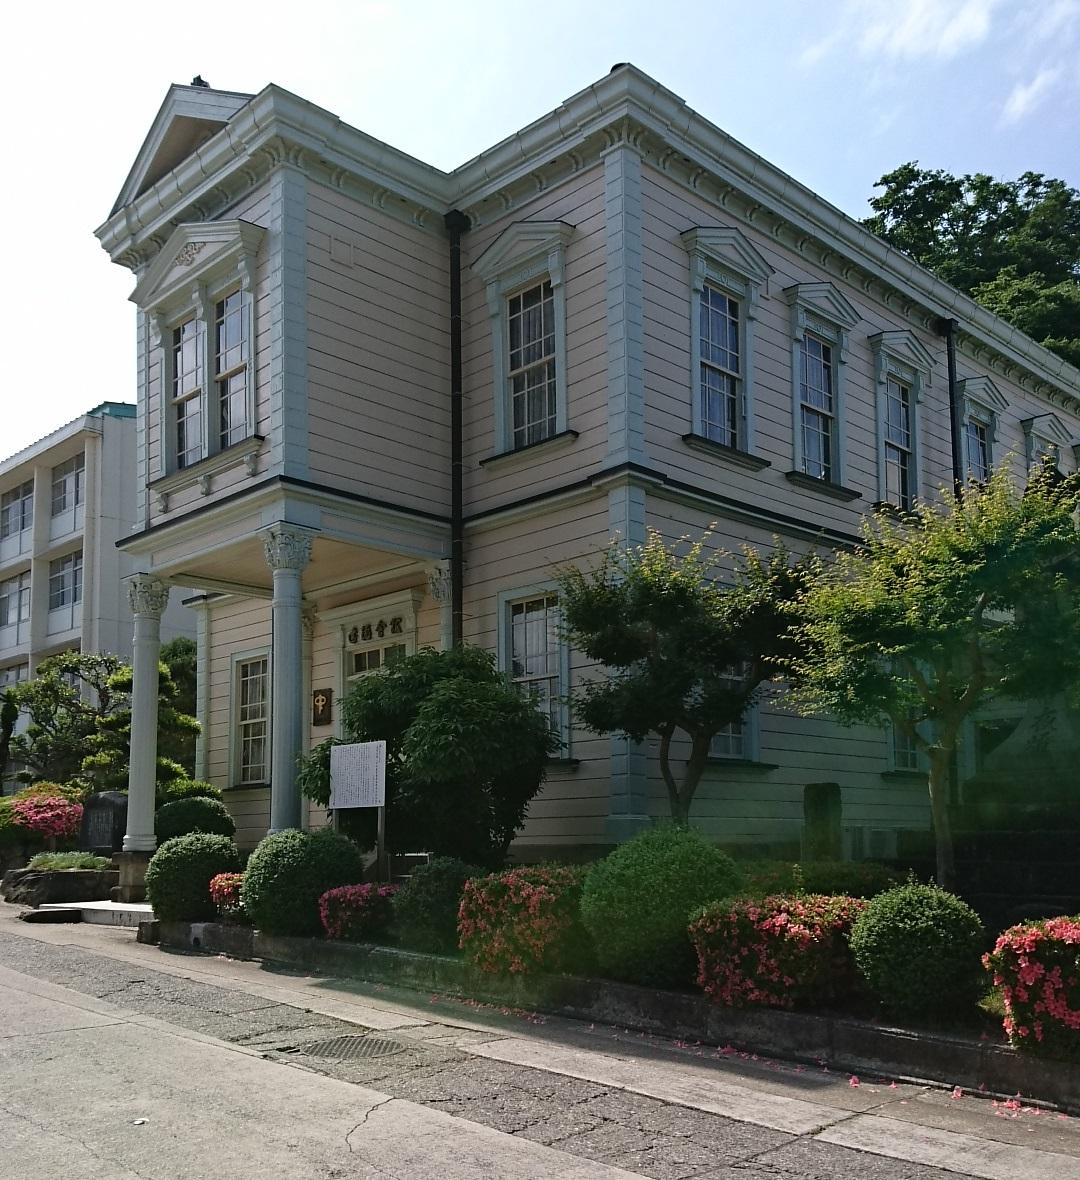 2017.6.3 豊岡 (101) 達徳会館(旧豊岡中学校本館) 1080-1180